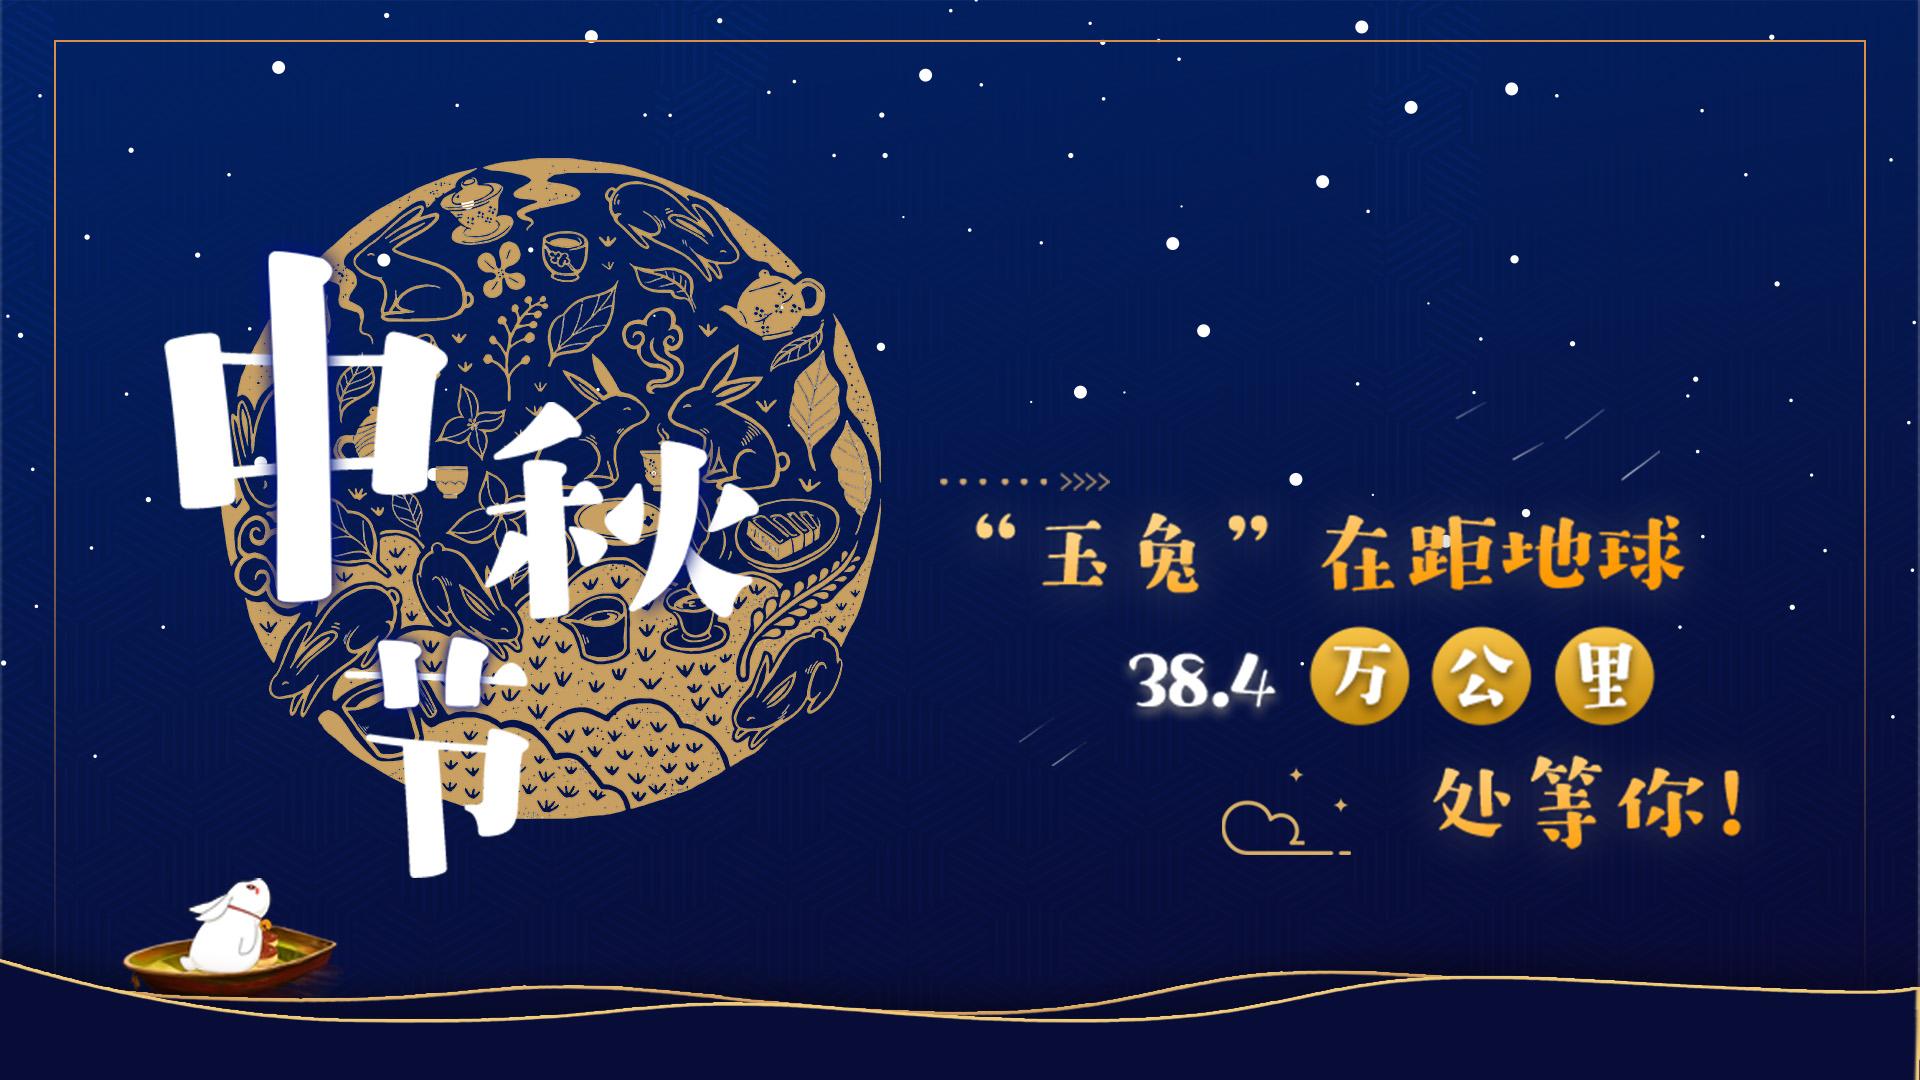 """中秋节丨""""玉兔""""在距地球38.4万公里处等你!"""